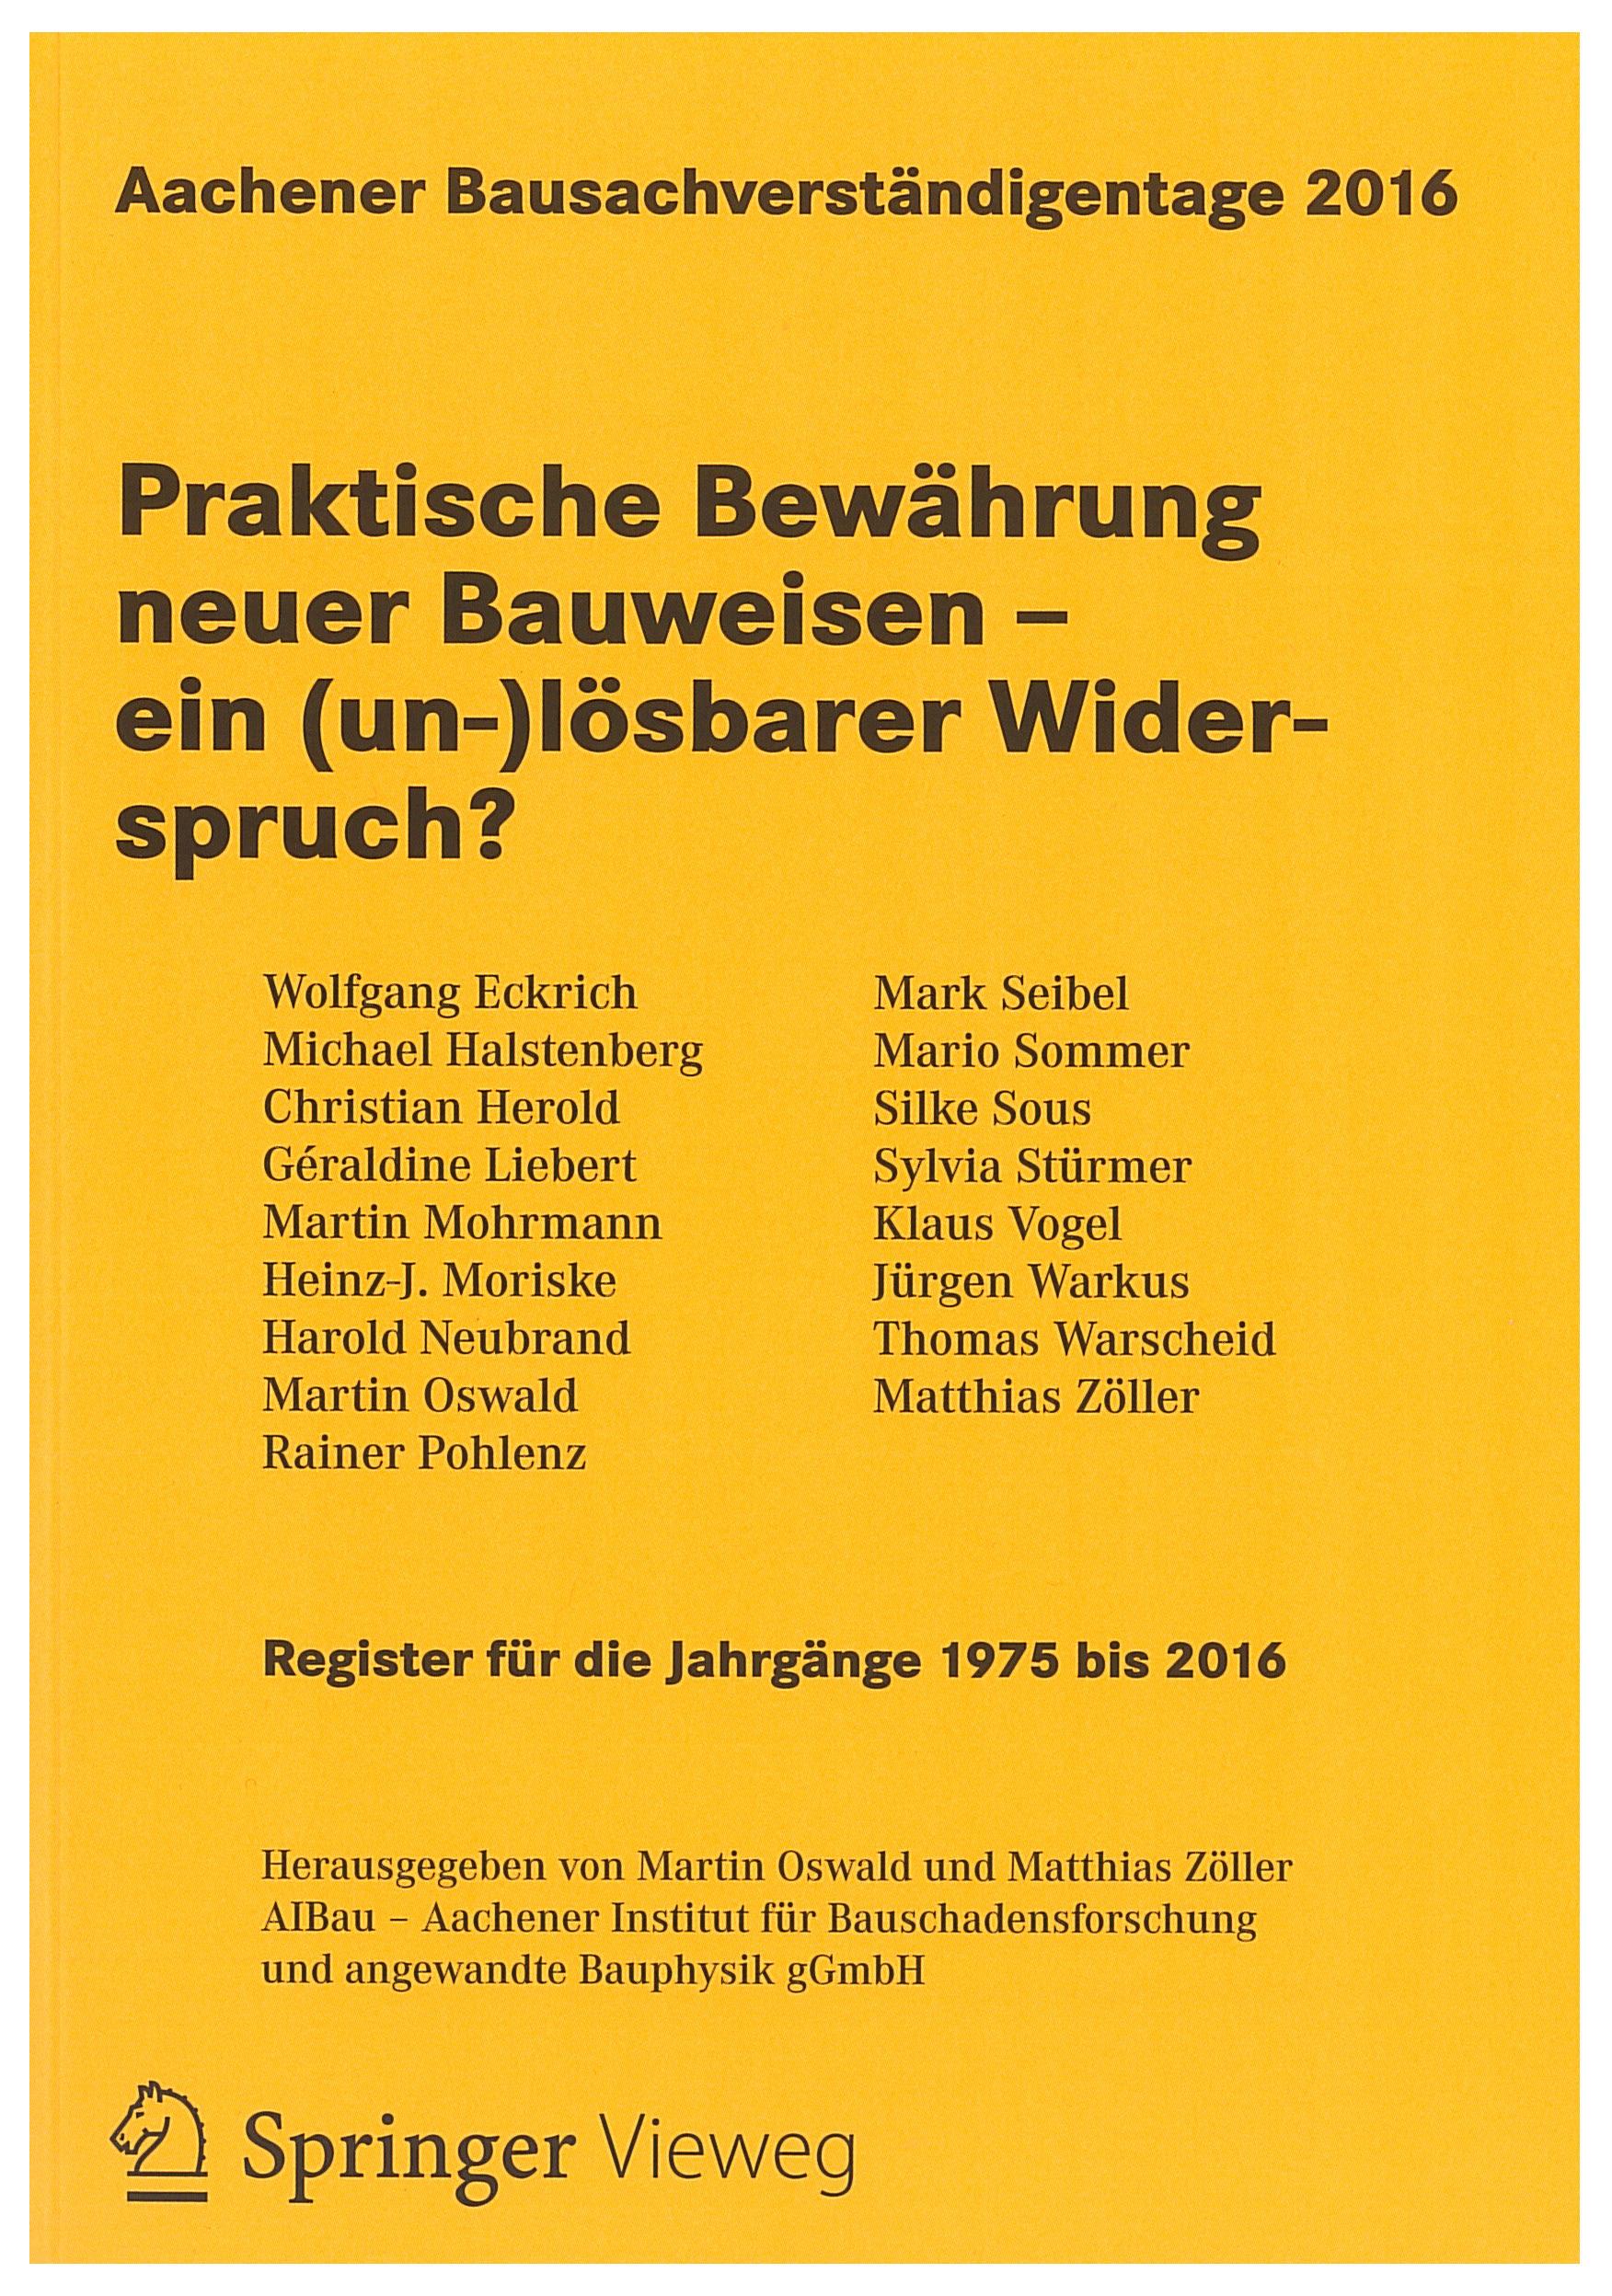 Tagungsband: Praktische Bewährung neuer Bauweisen - ein (un-)lösbarer Widerspruch? - Coverbild